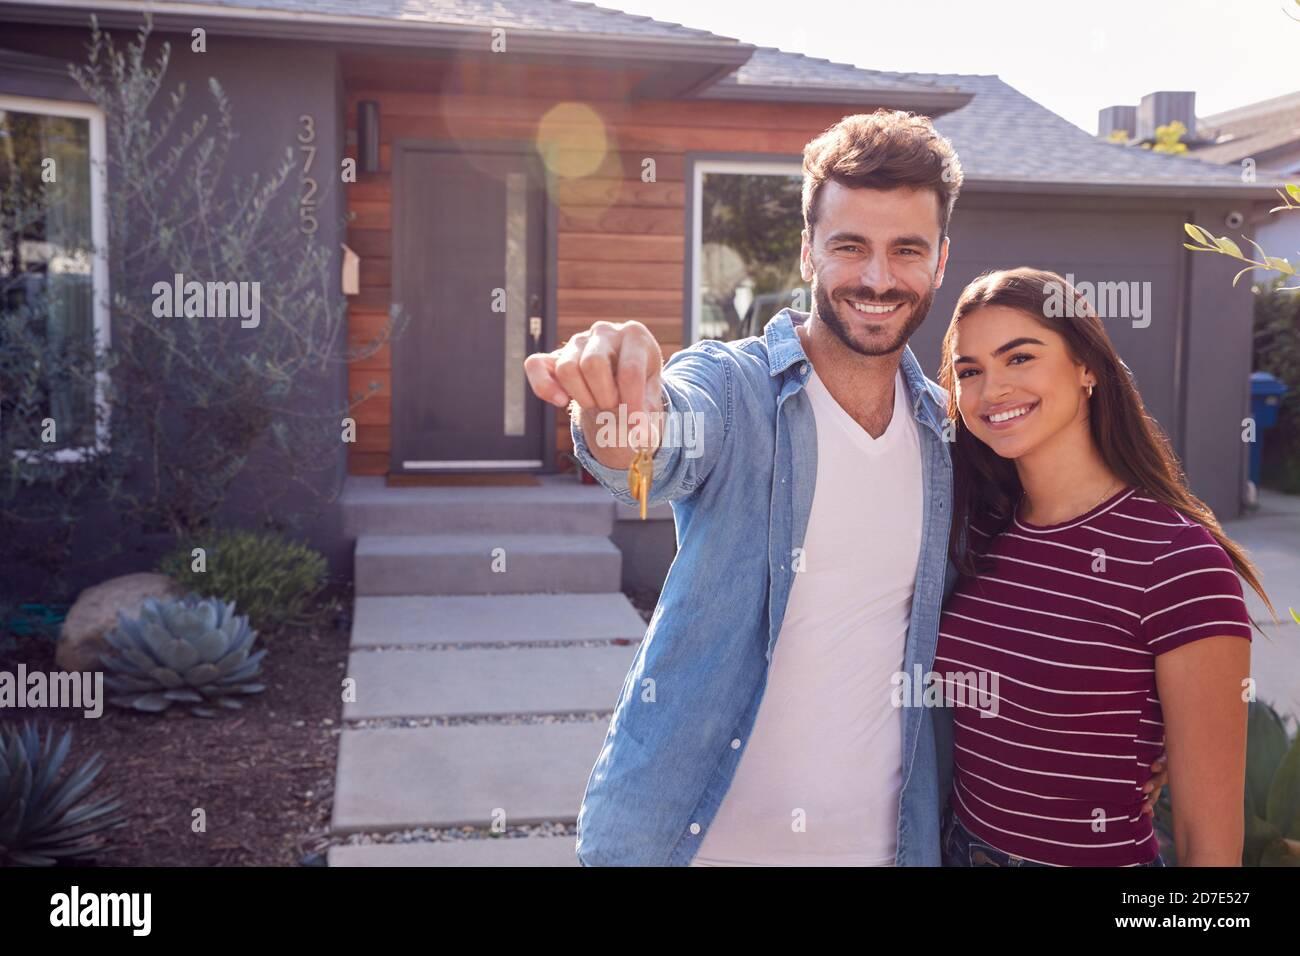 Portrait de couple debout à l'extérieur devant la maison avec Pour la vente Sign In Garden Holding Keys Banque D'Images